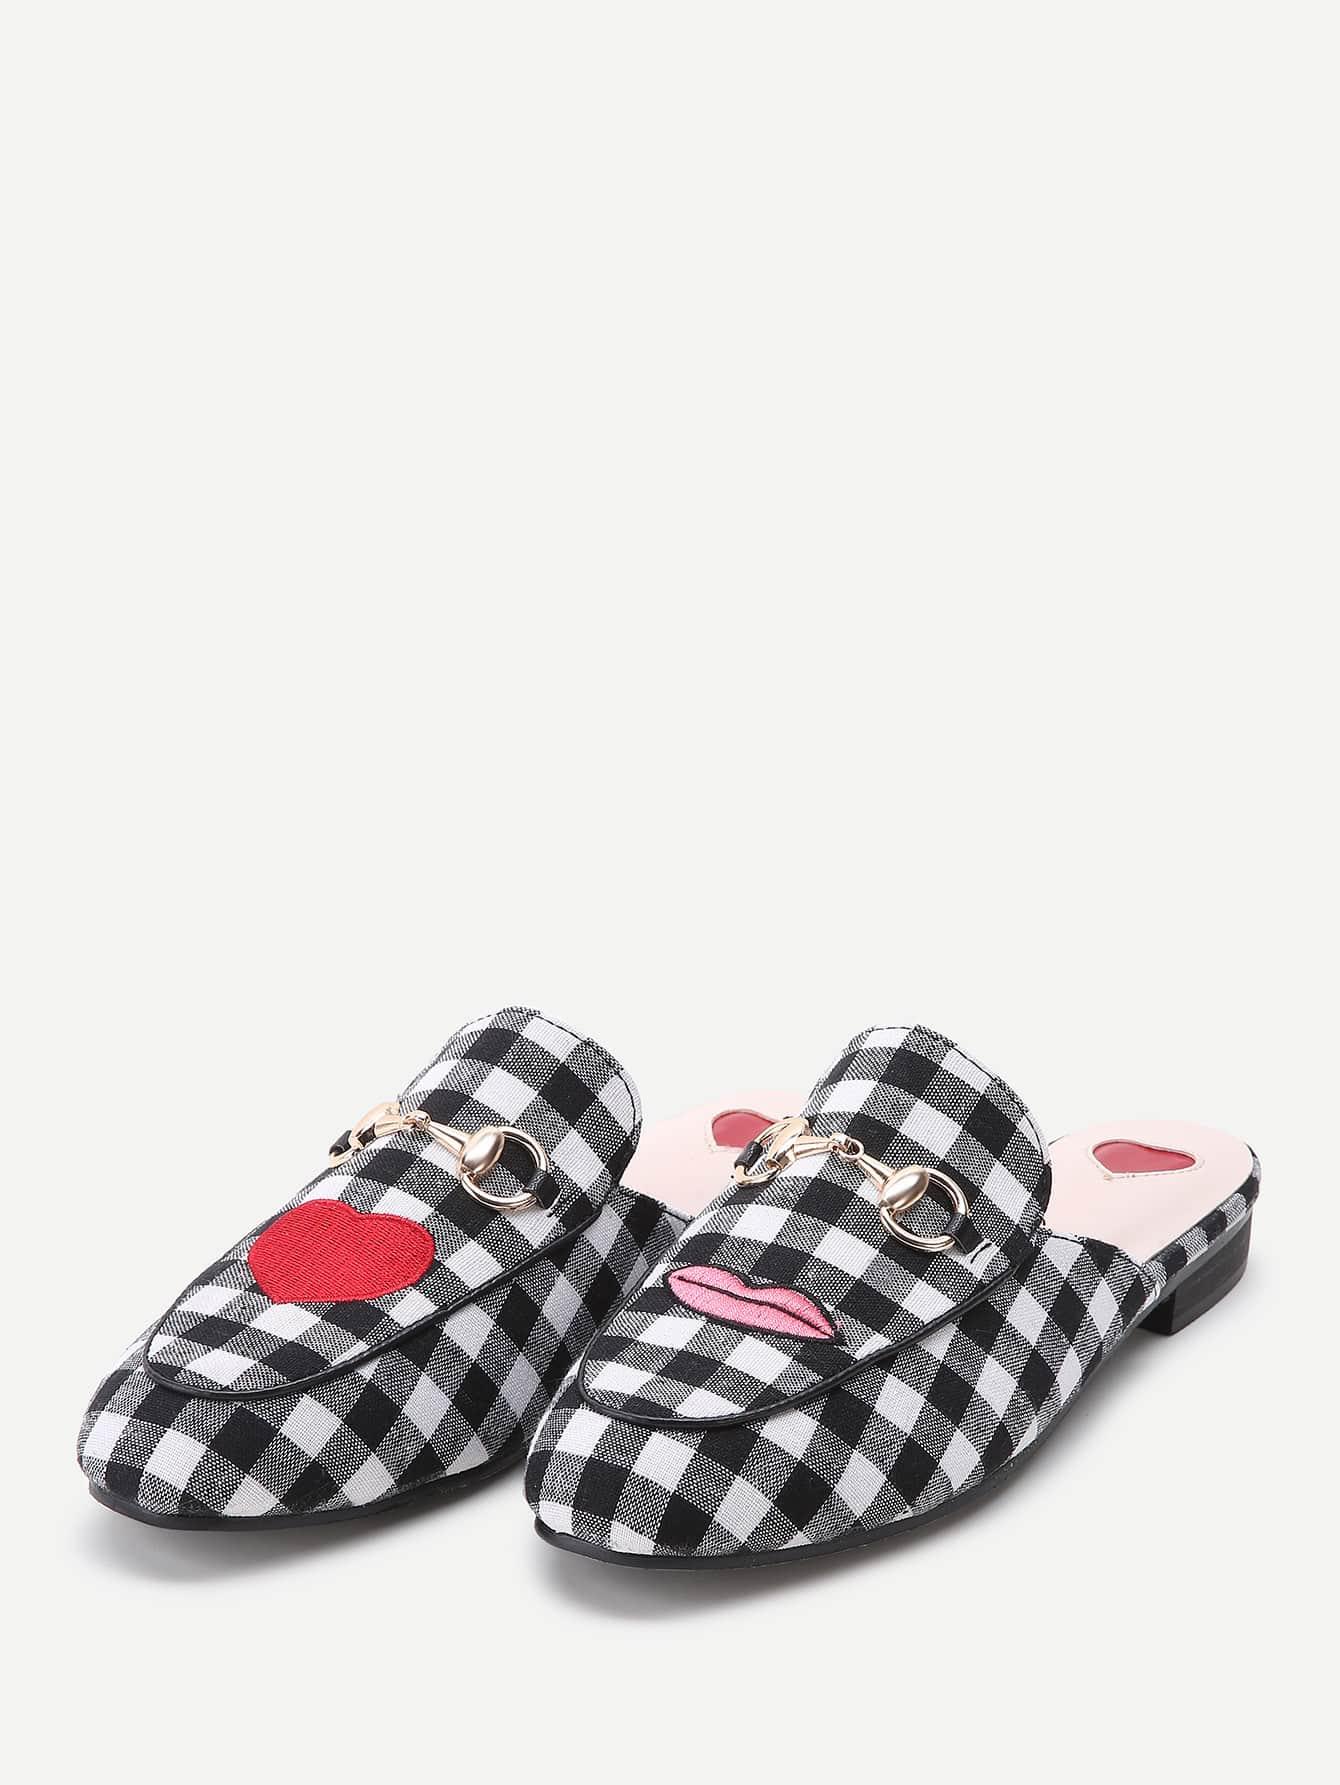 shoes170321801_2